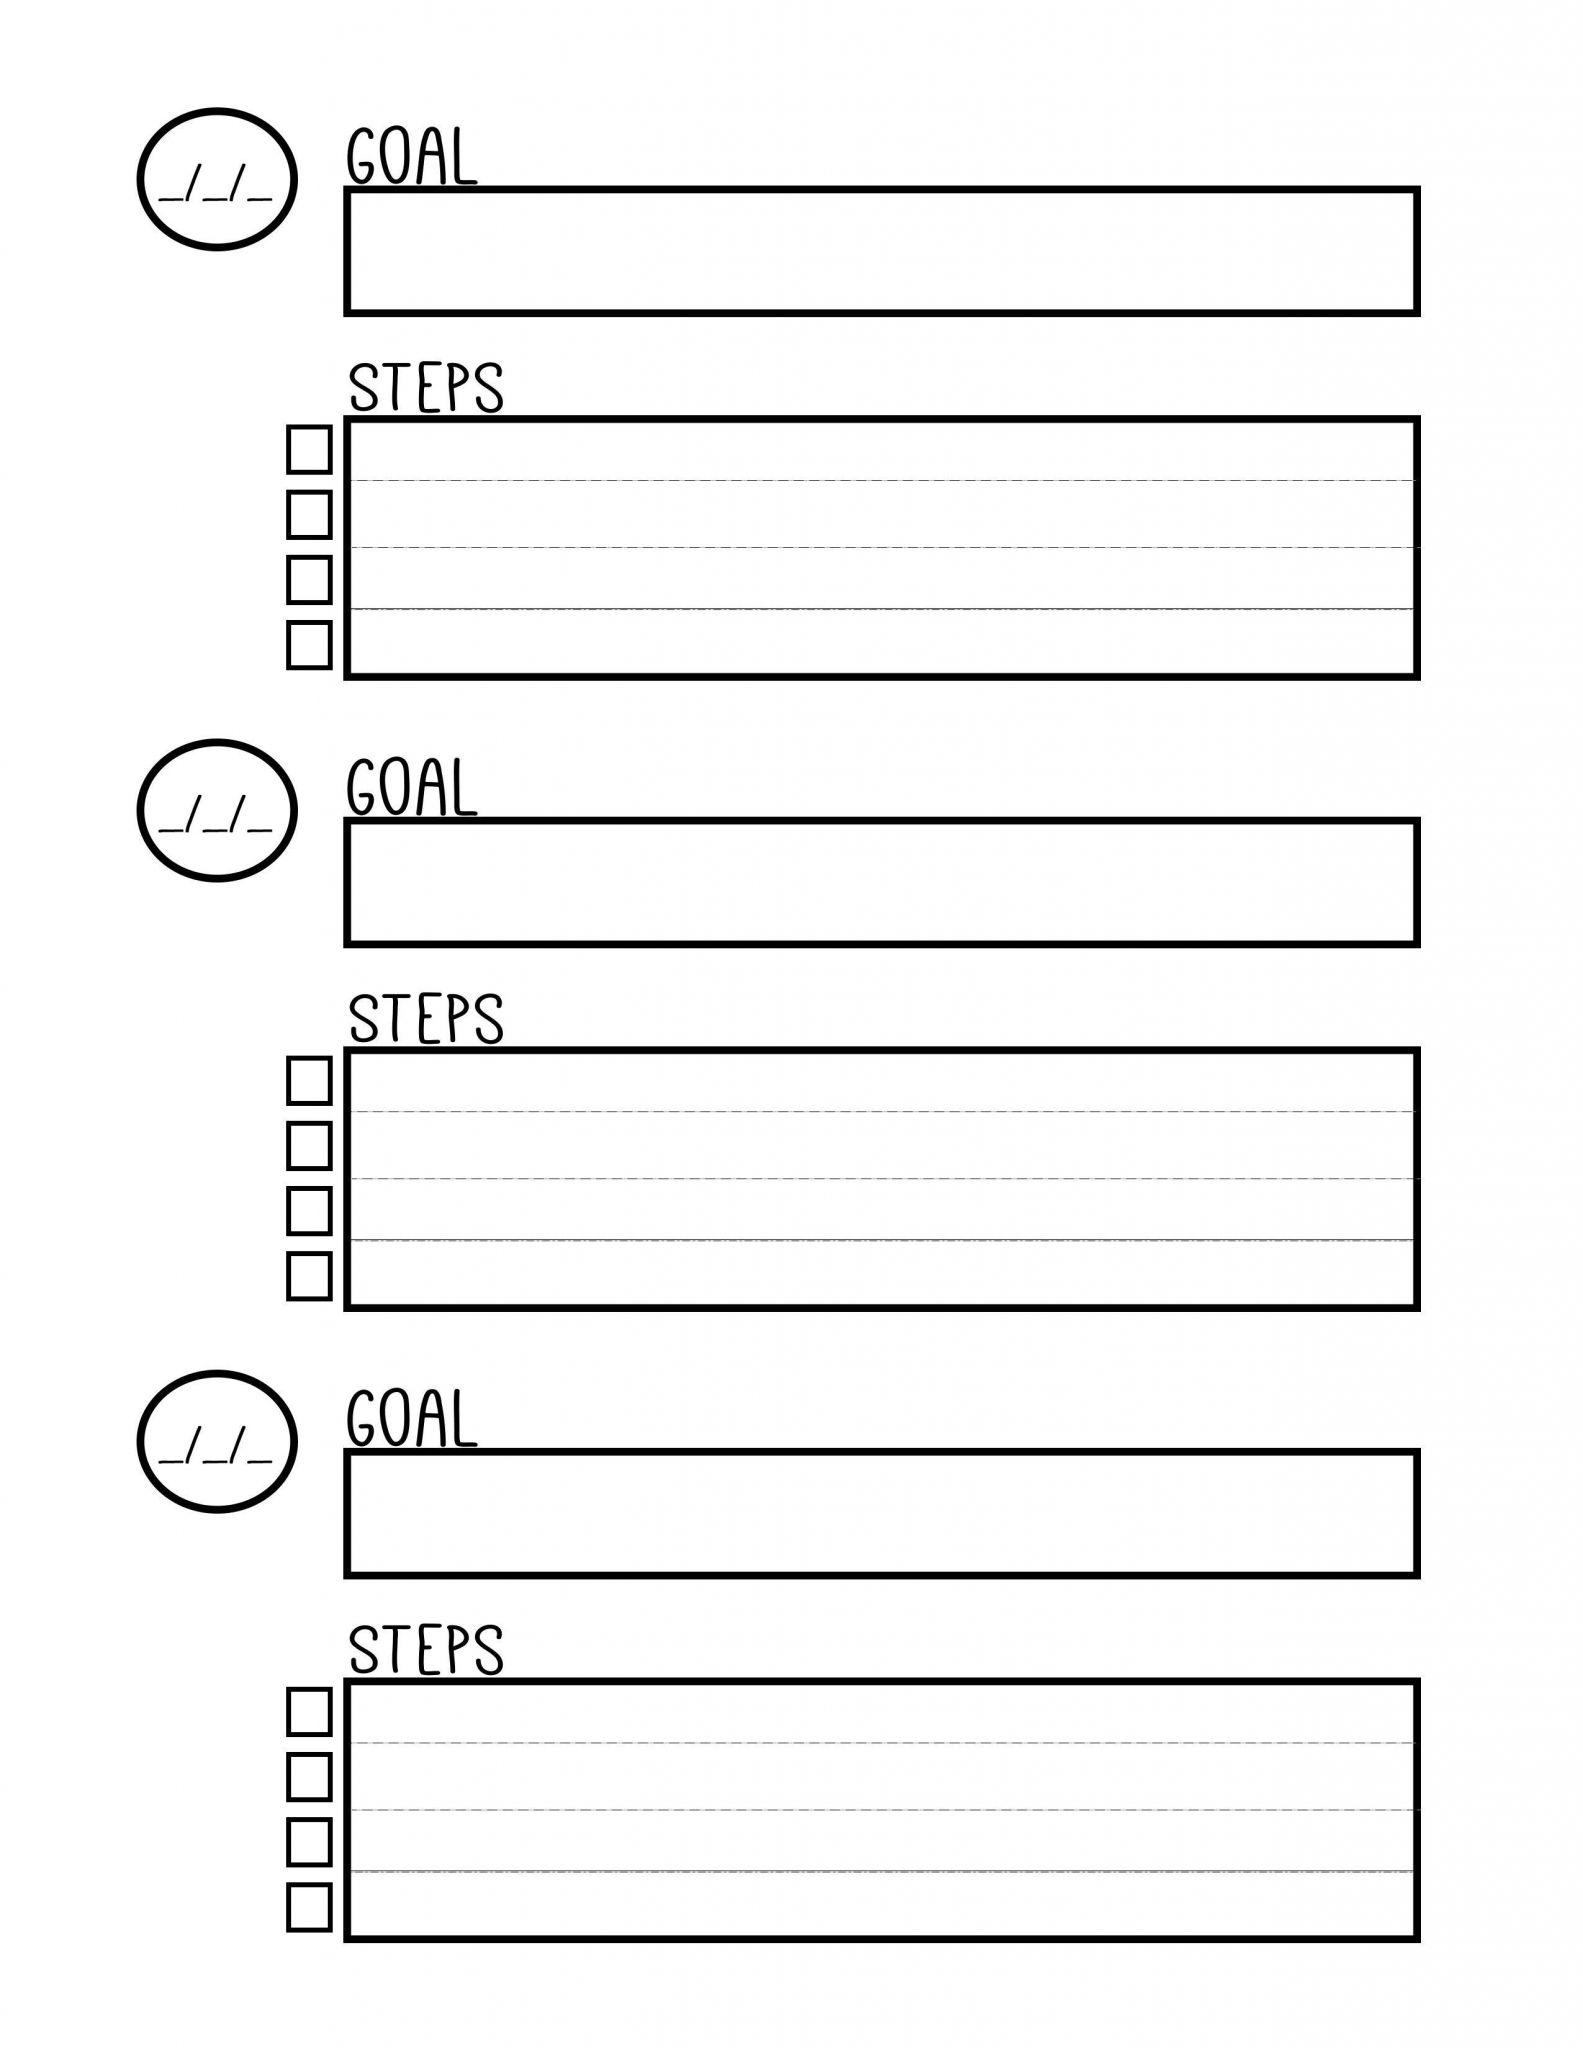 Coping Skills Worksheet Printable